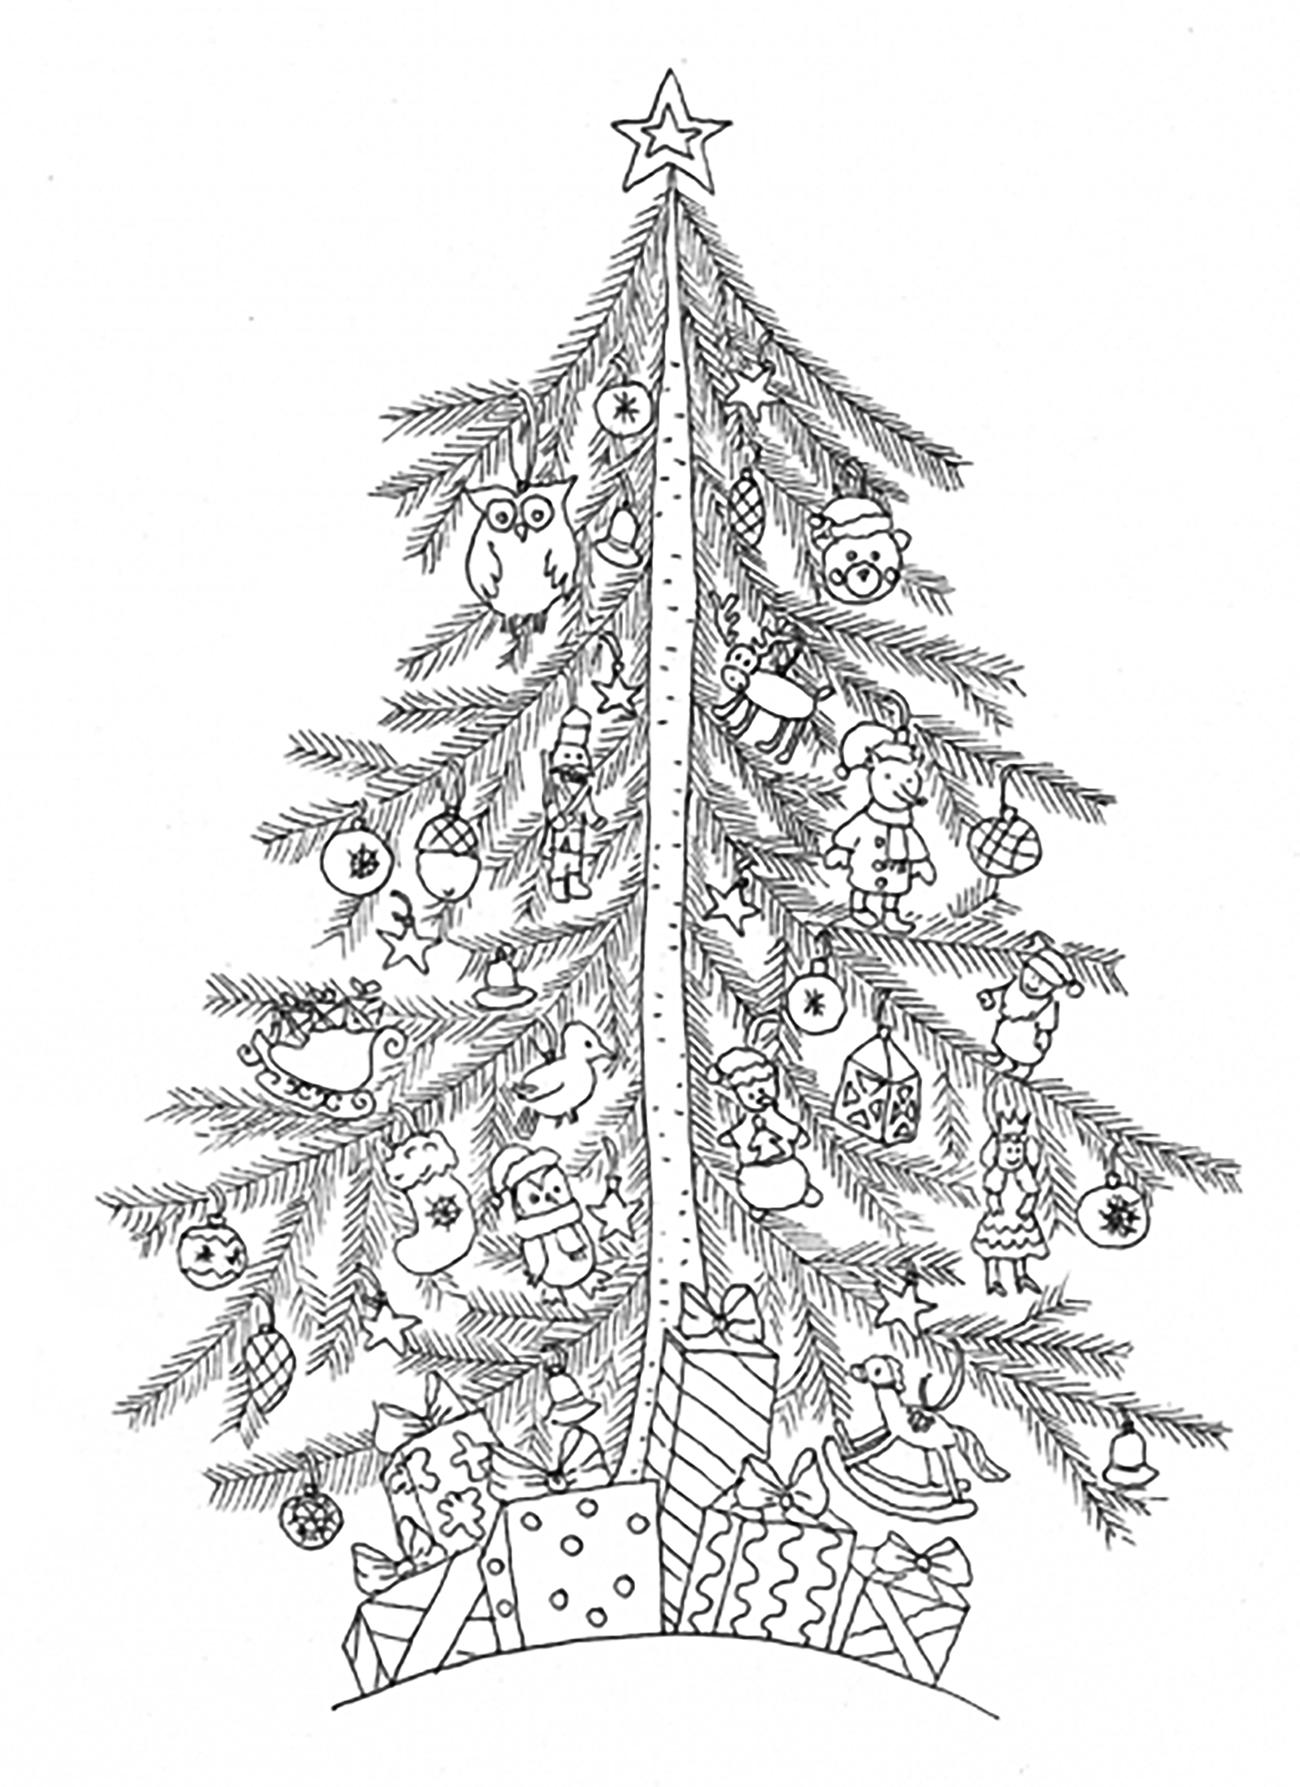 Natale 78944 natale disegni da colorare per adulti - Pagine da colorare pesci per adulti ...